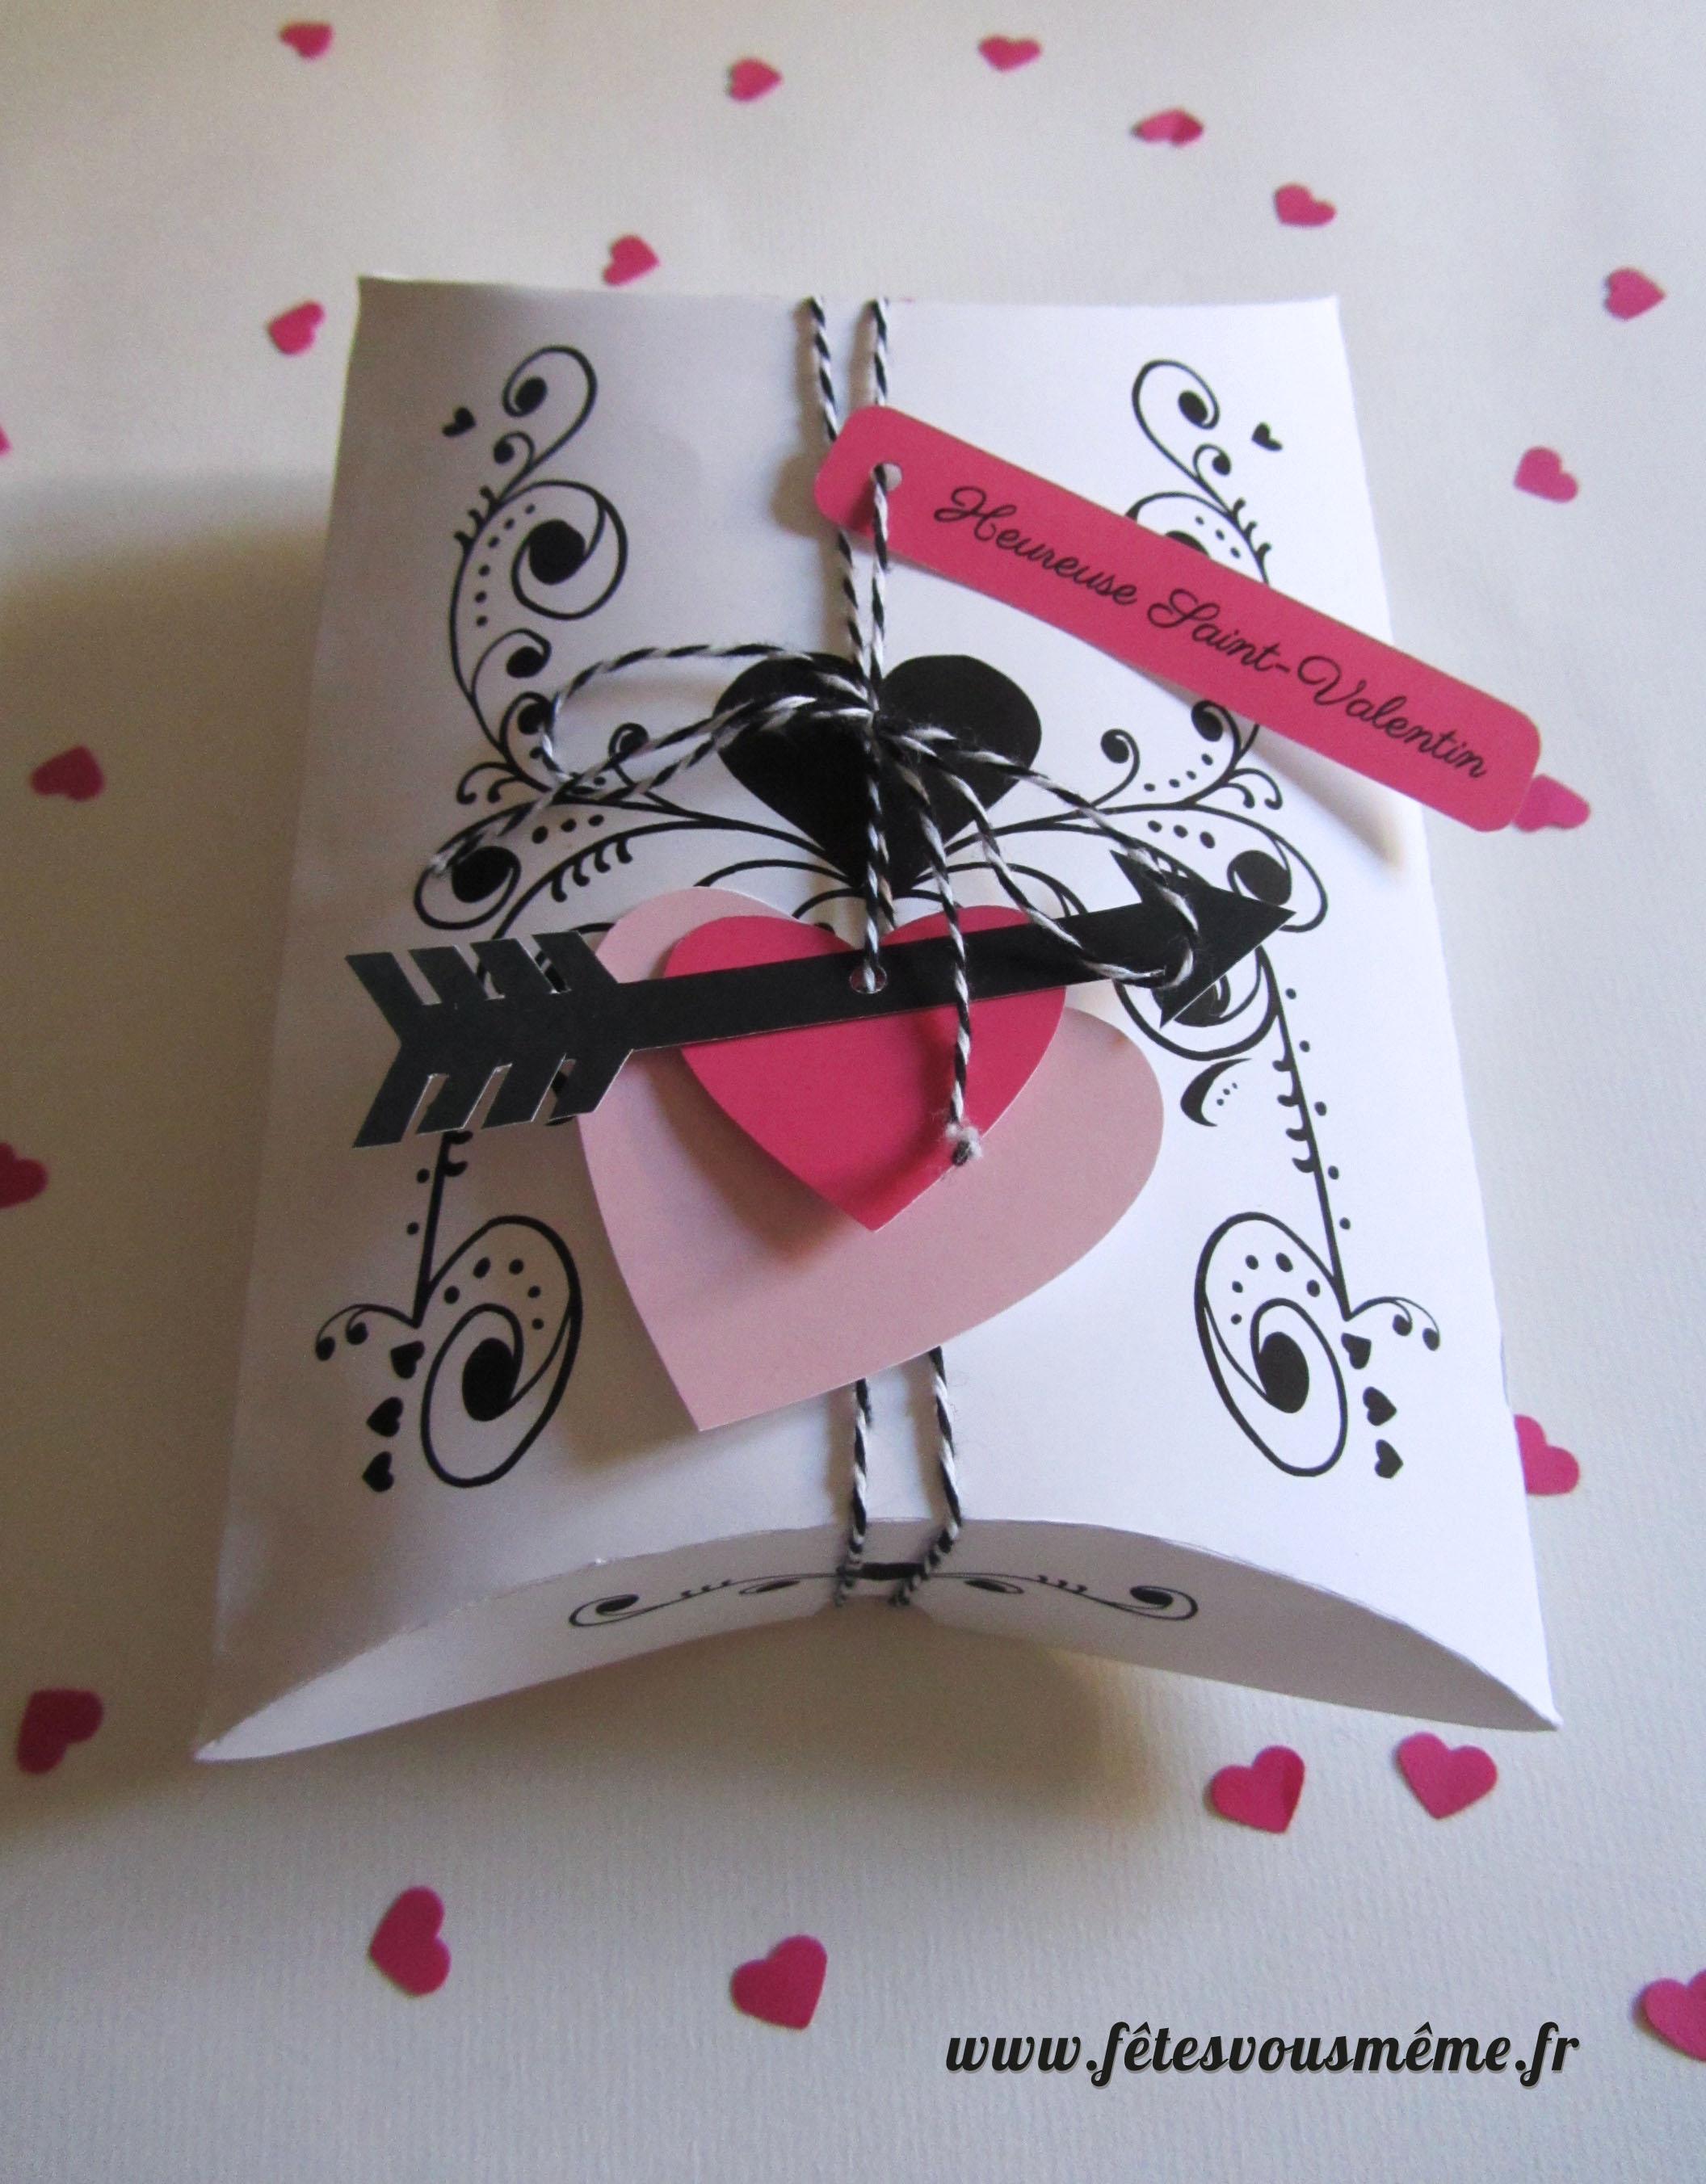 boites cadeaux st valentin r aliser et offrir f tes vous m me. Black Bedroom Furniture Sets. Home Design Ideas